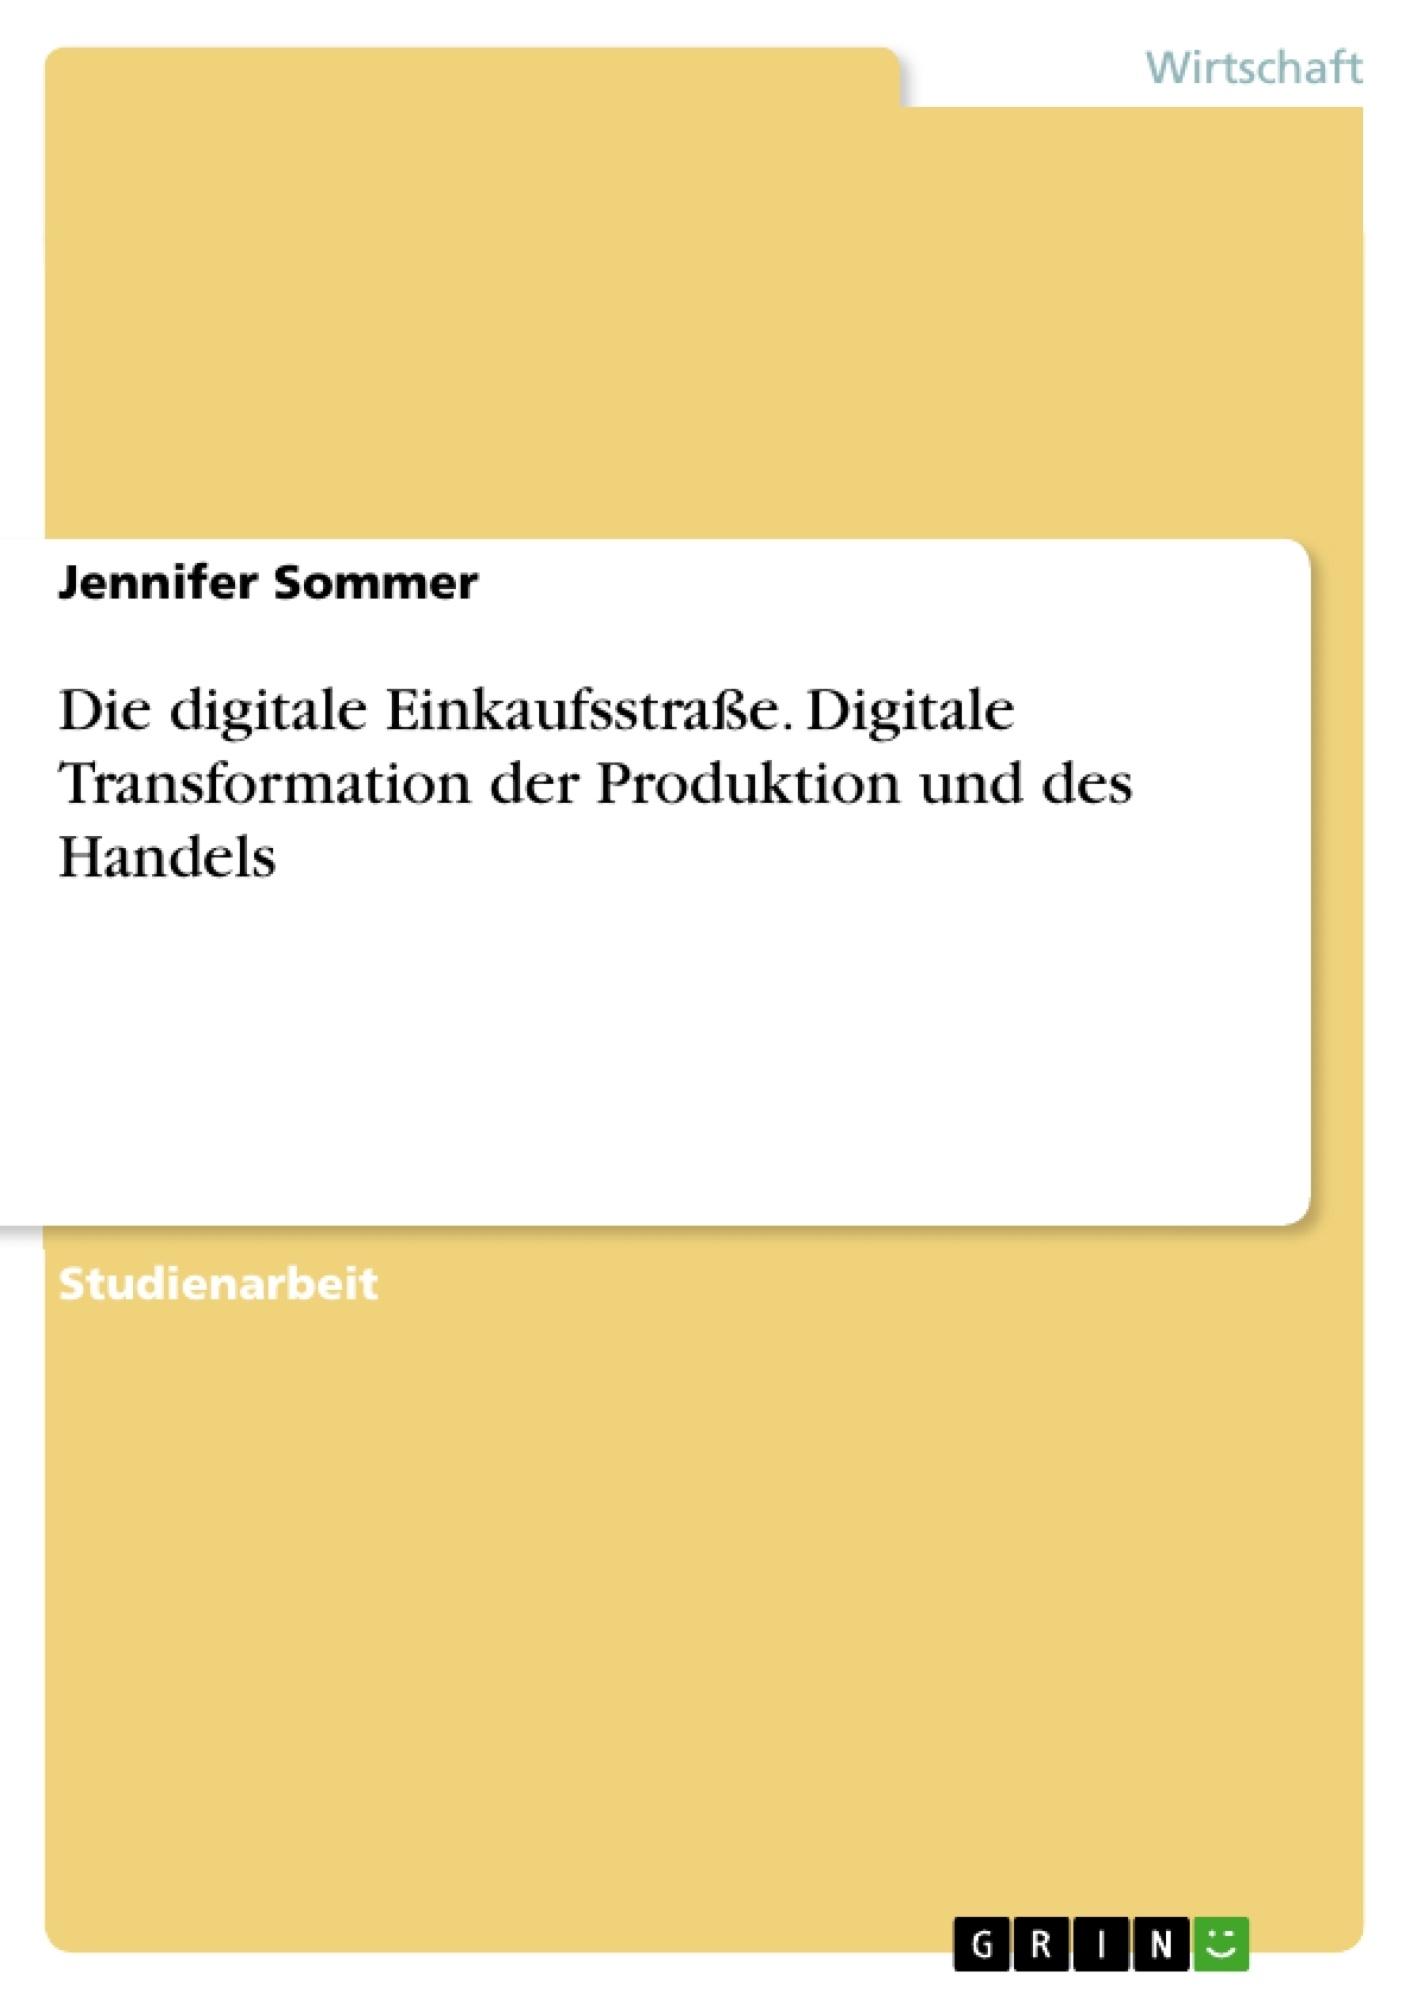 Titel: Die digitale Einkaufsstraße. Digitale Transformation der Produktion und des Handels